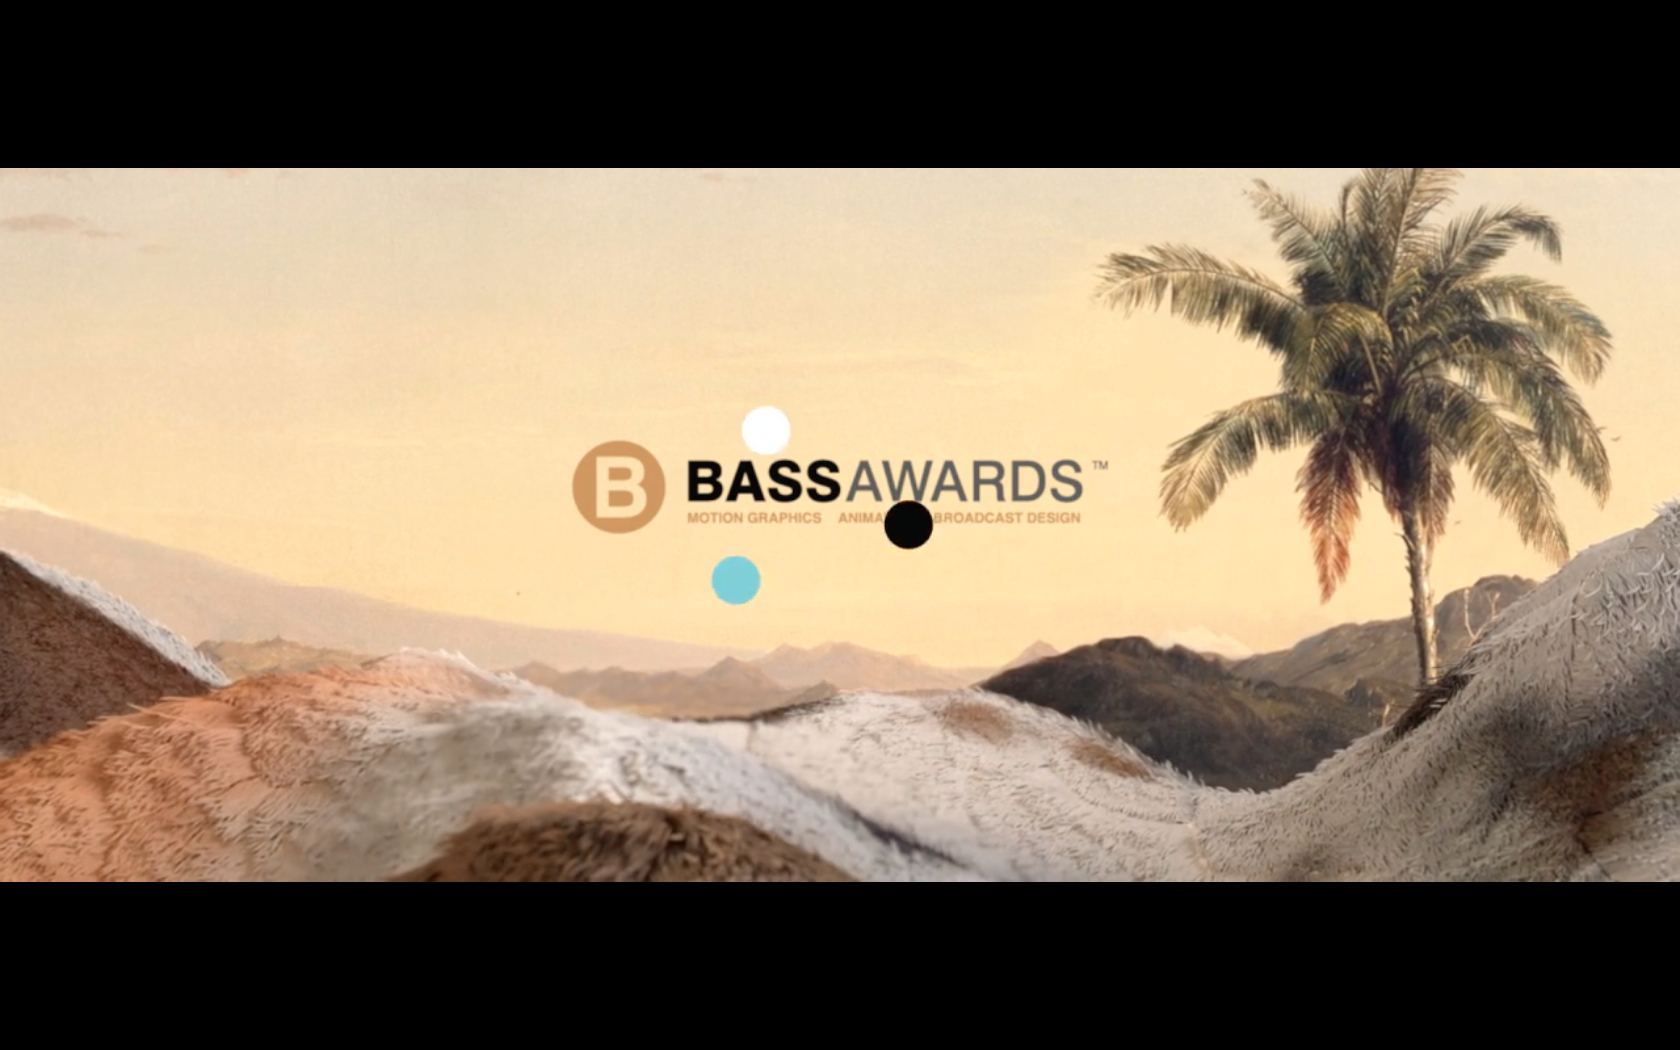 Bass Awards 2014 Ident